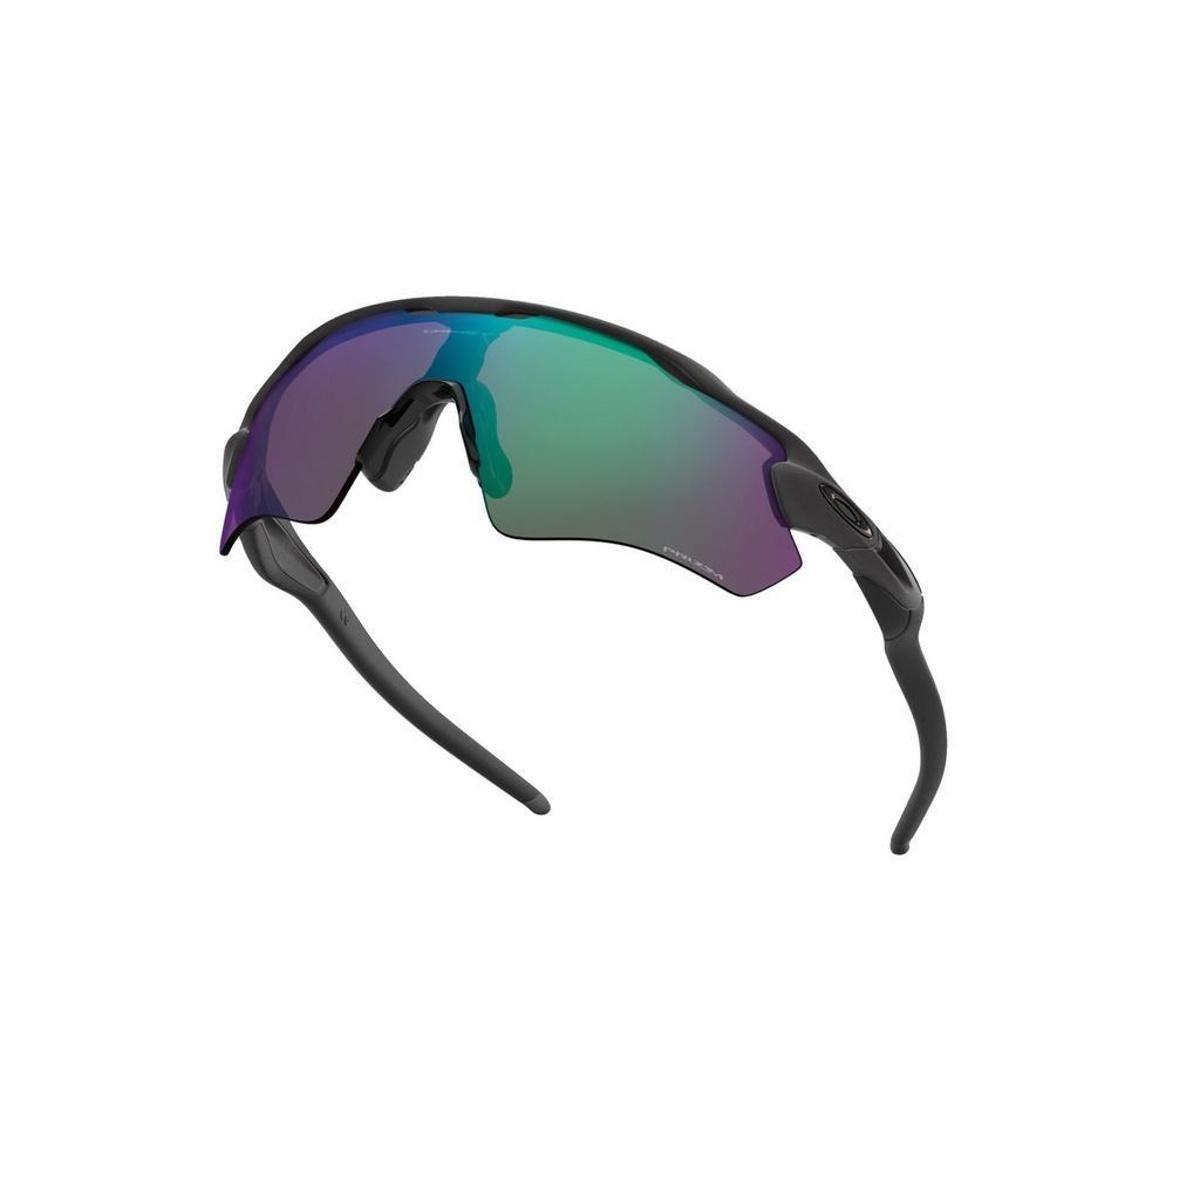 Óculos Oakley RADAR® EV PATH® Prizm Road Jade